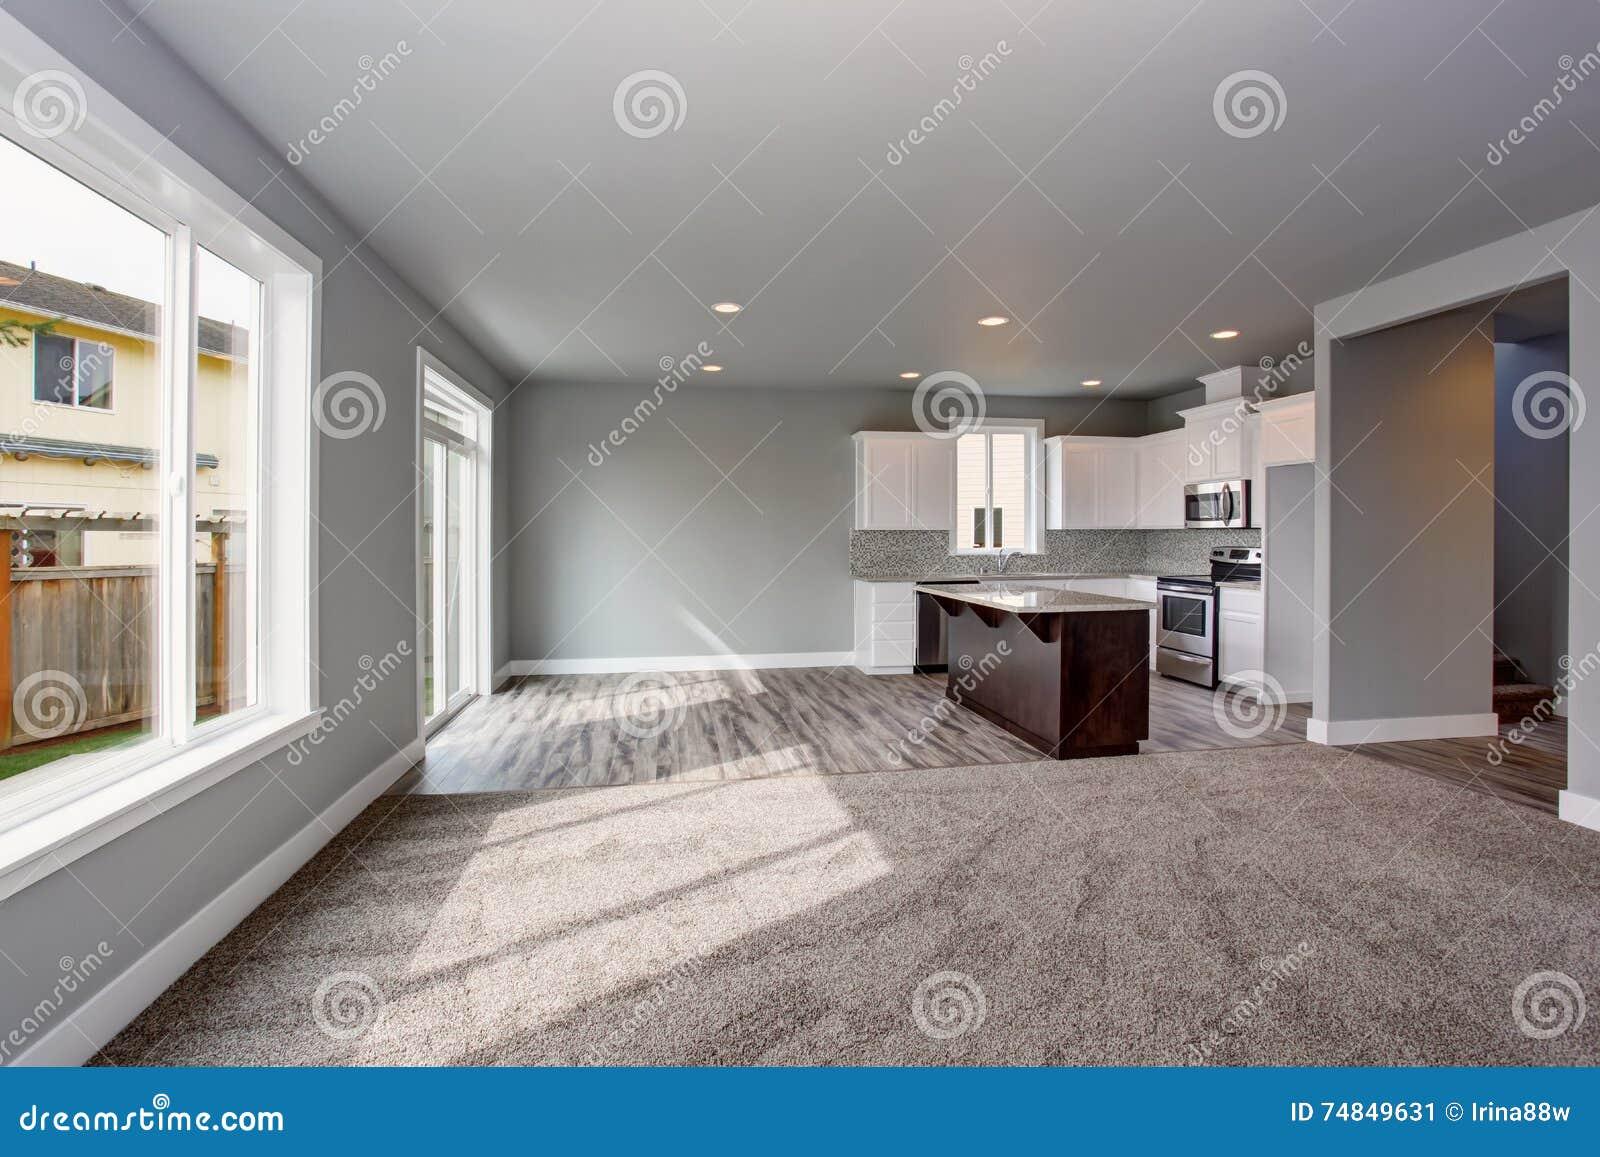 Interni Casa Grigio : L interno grigio della casa della stanza della cucina si è